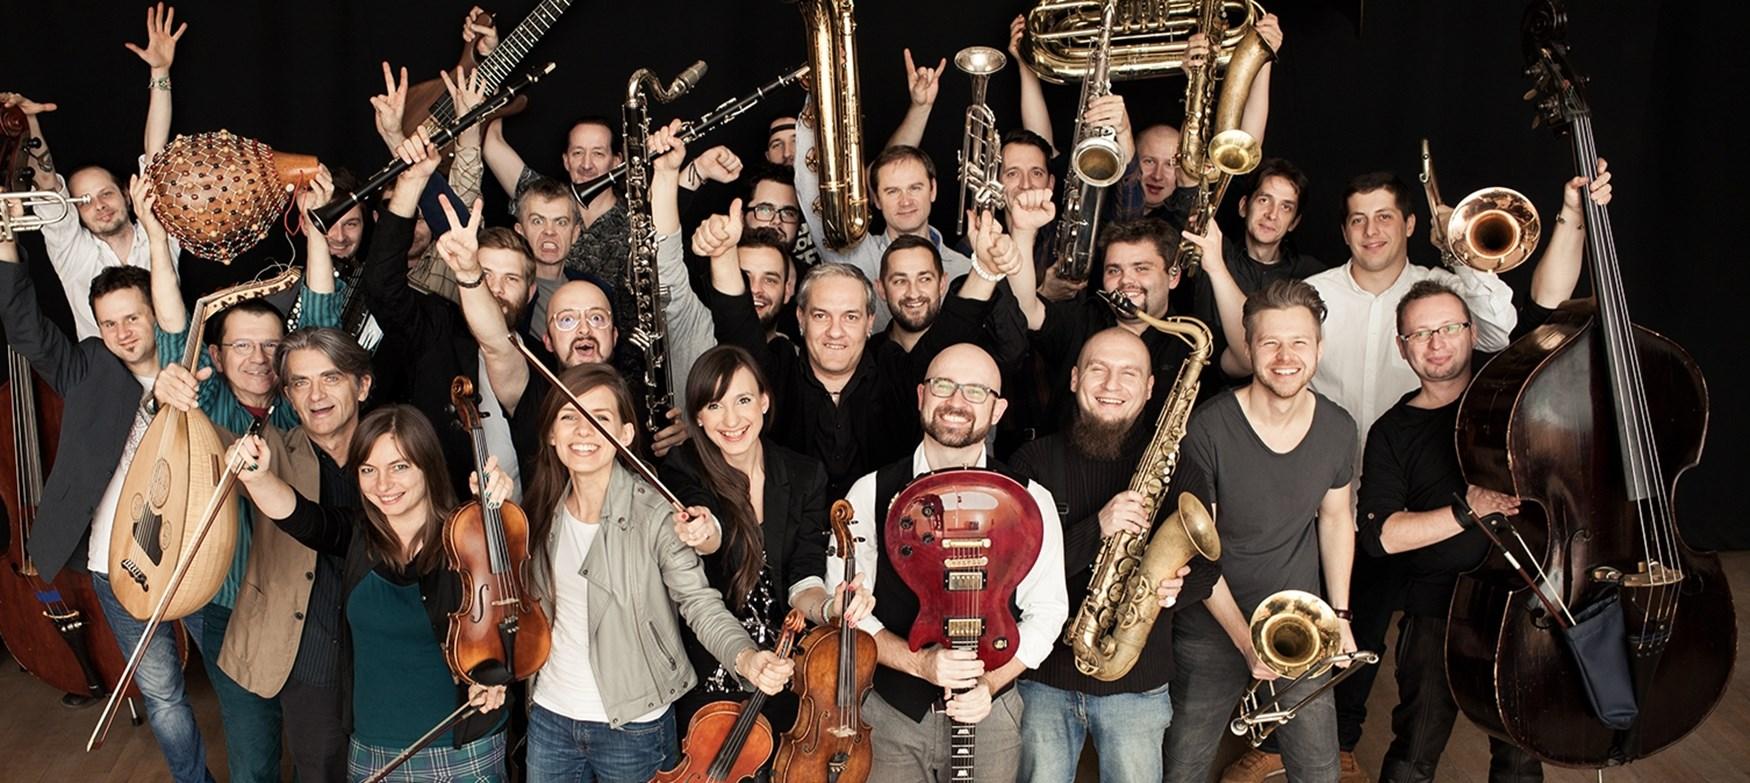 Koncerty na Bemowie 3275 kg Orchestra